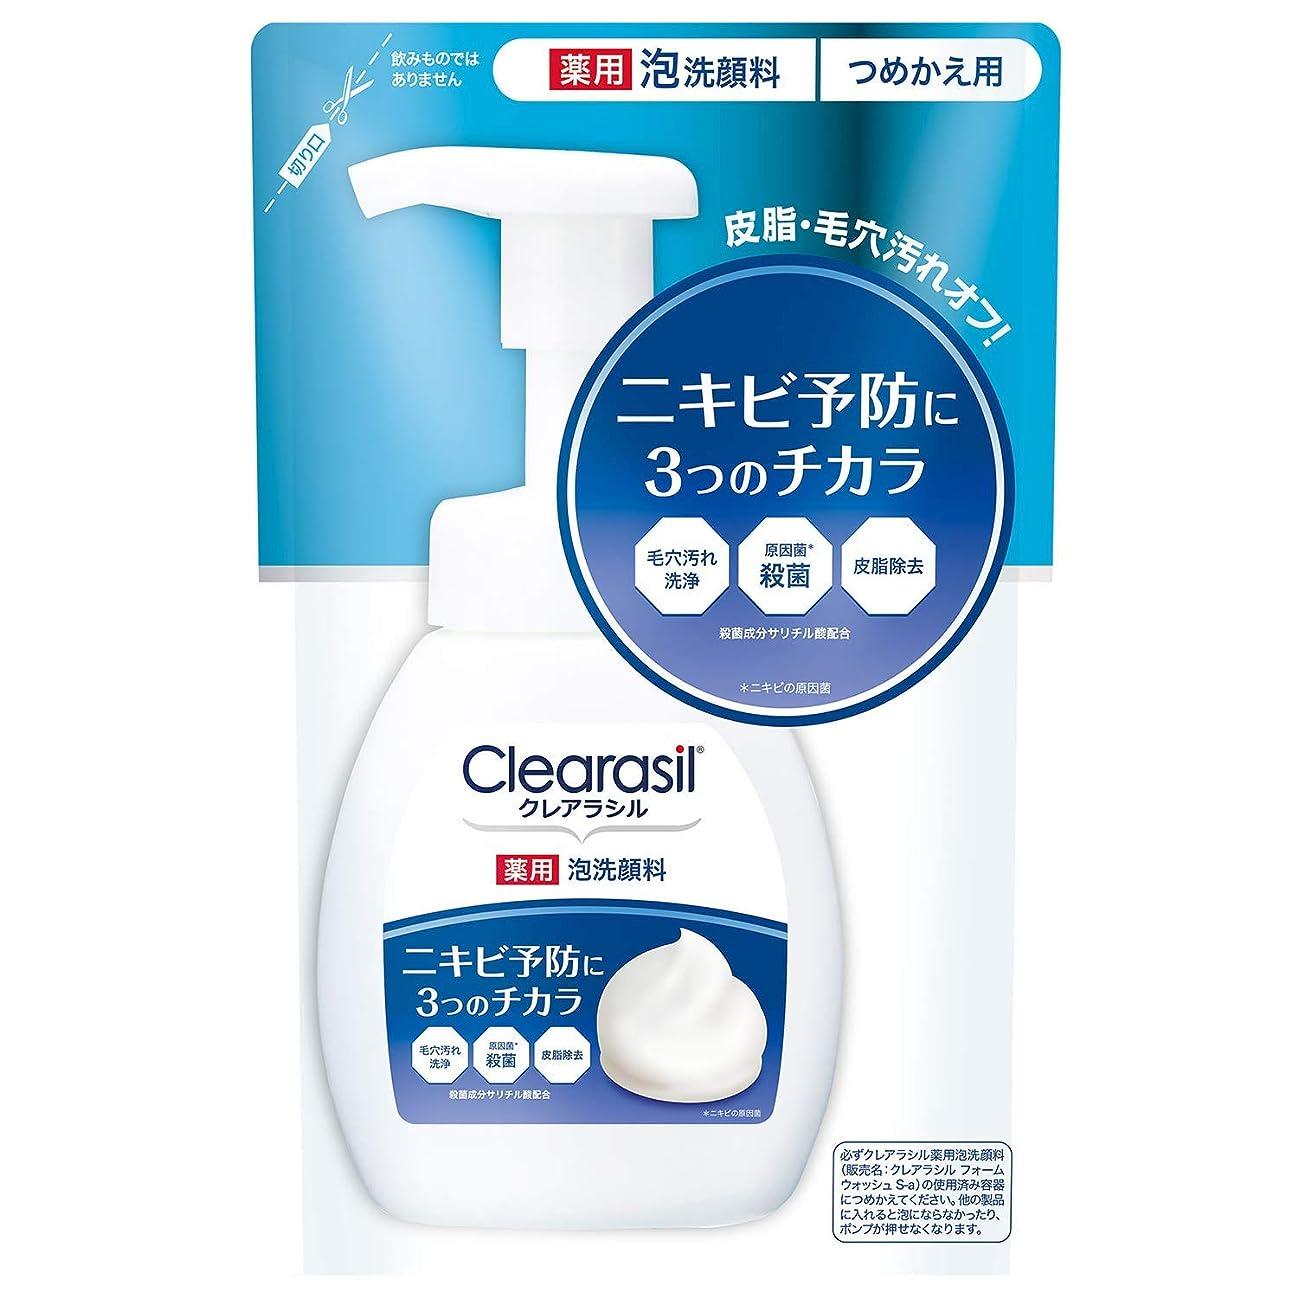 人エピソードサイズ【clearasil】クレアラシル 薬用泡洗顔フォーム10 つめかえ用 (180ml) ×20個セット